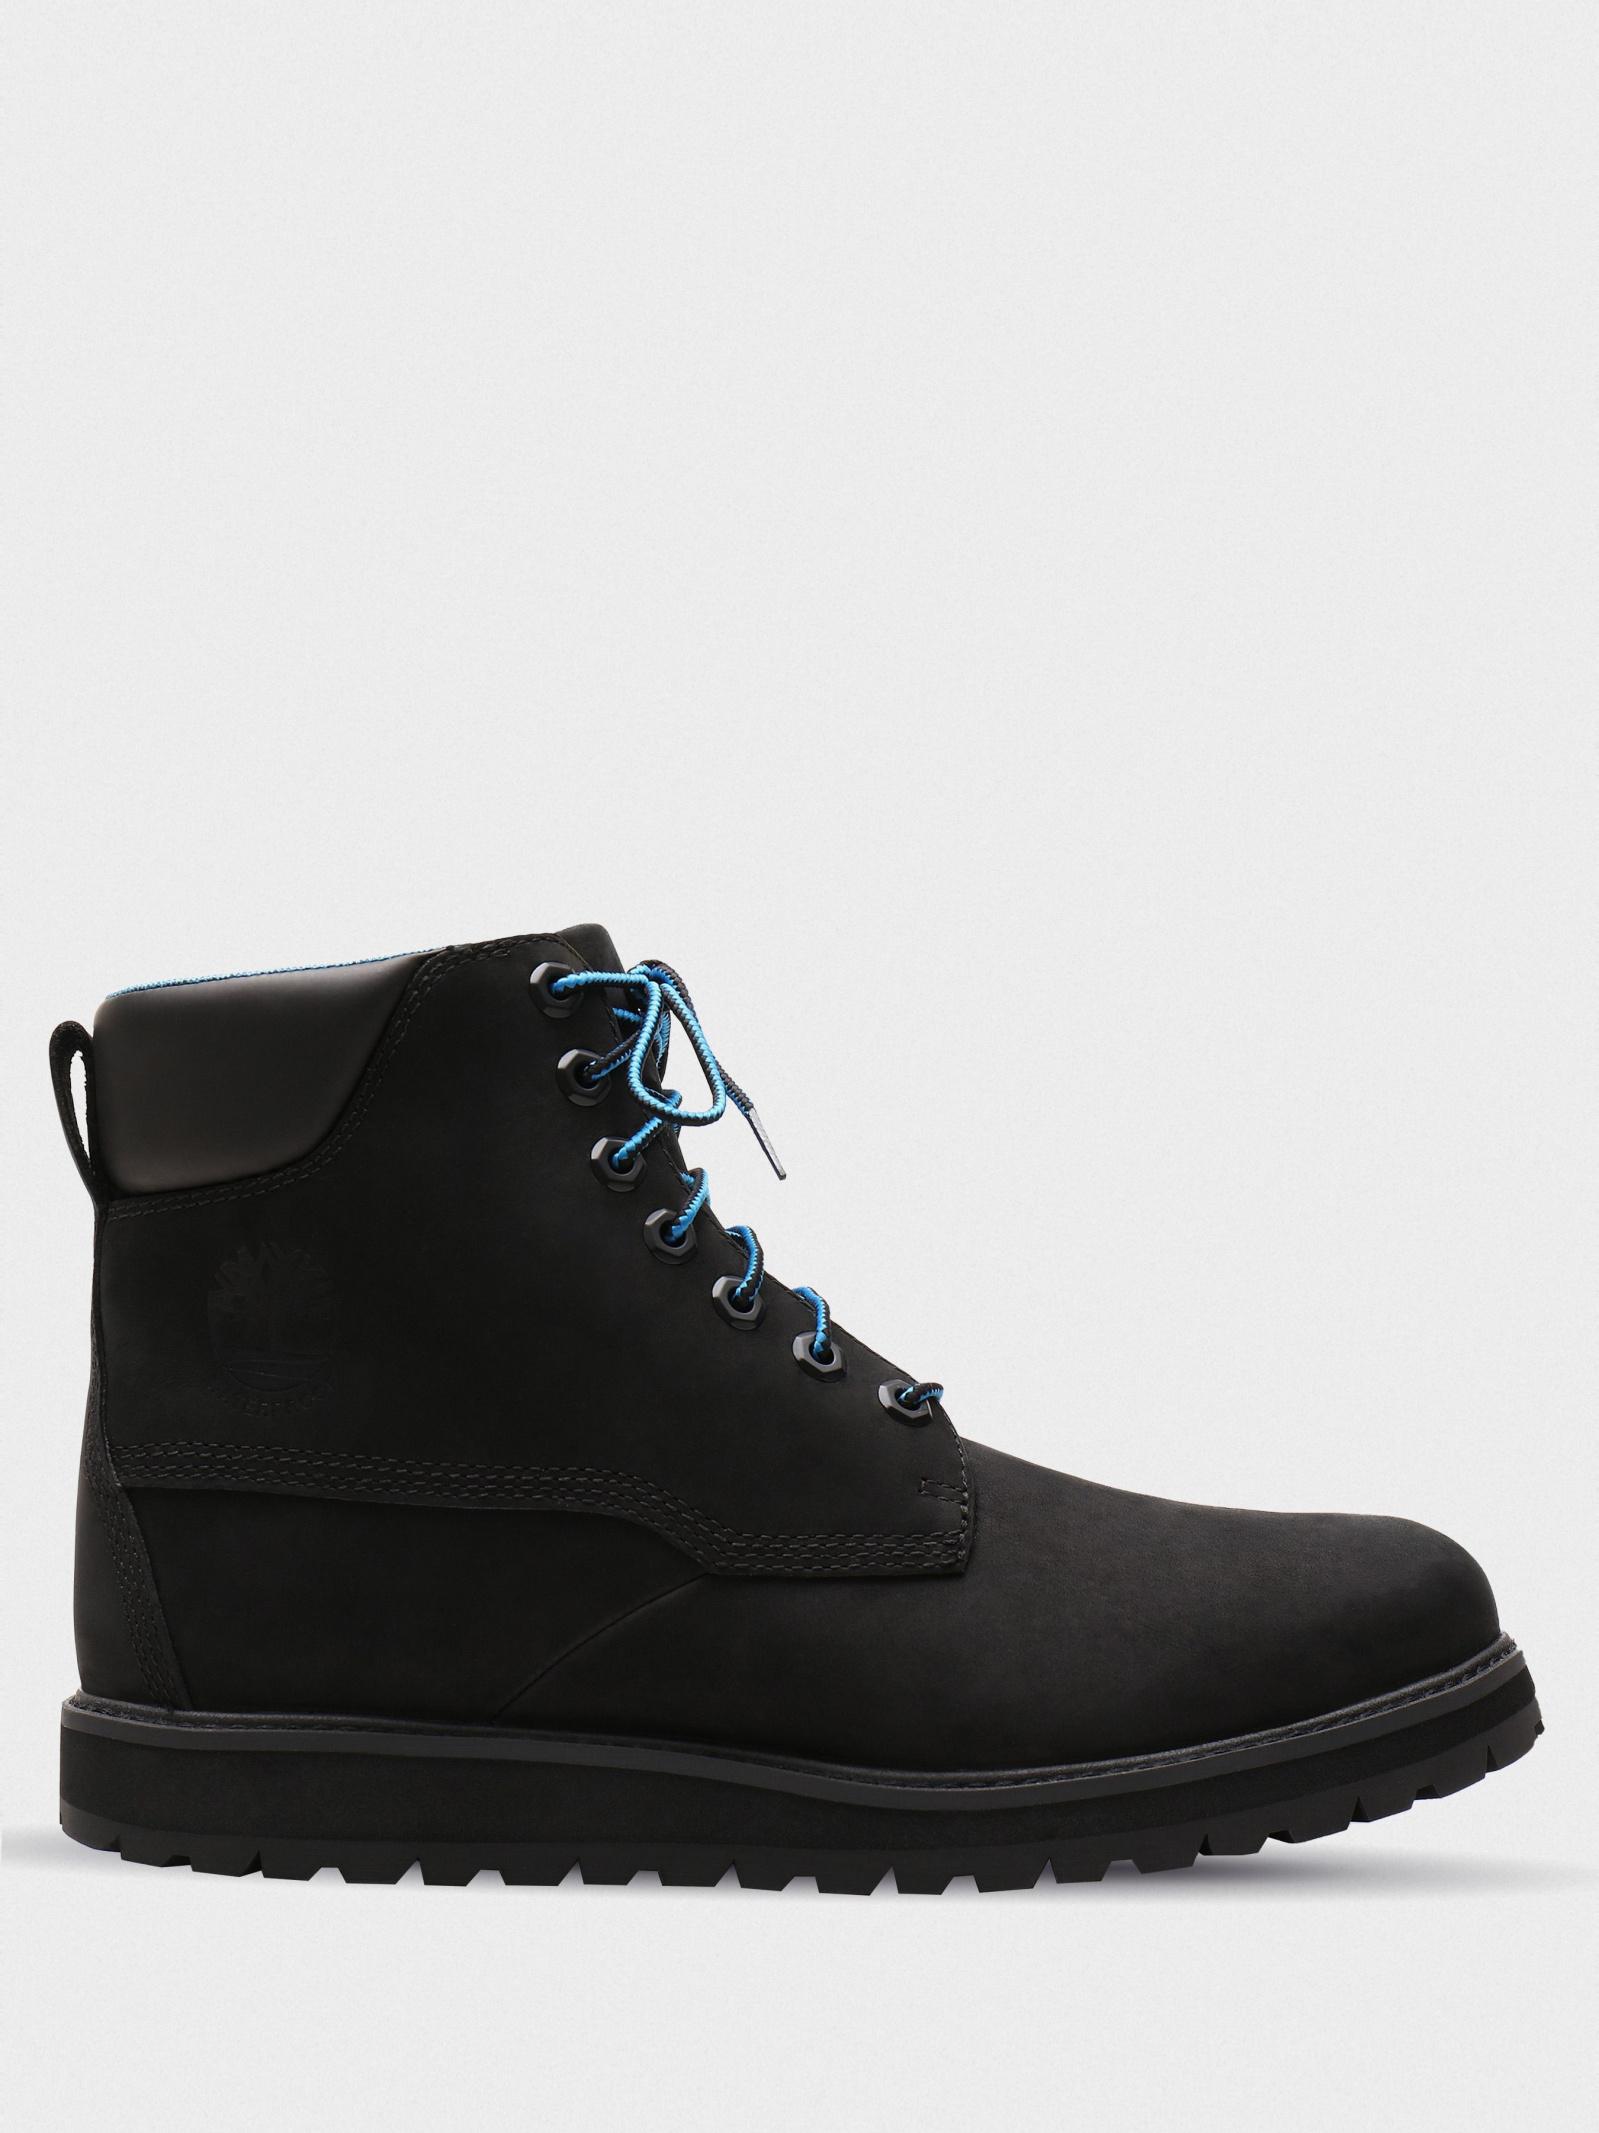 Ботинки для мужчин Timberland Richmond Ridge TF4075 купить, 2017